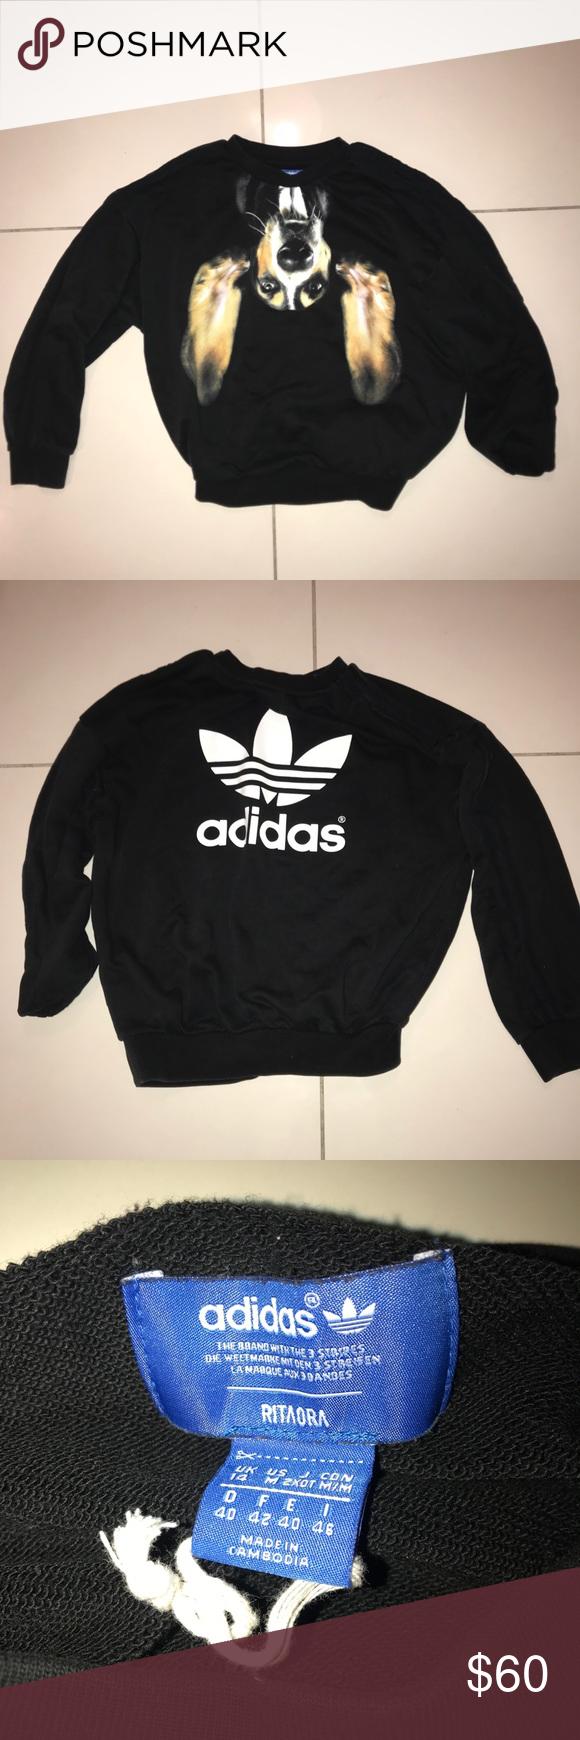 Adidas X Rita Ora Women S Basset Dog Sweatshirt Sweatshirts Clothes Design Dog Sweatshirt [ 1740 x 580 Pixel ]